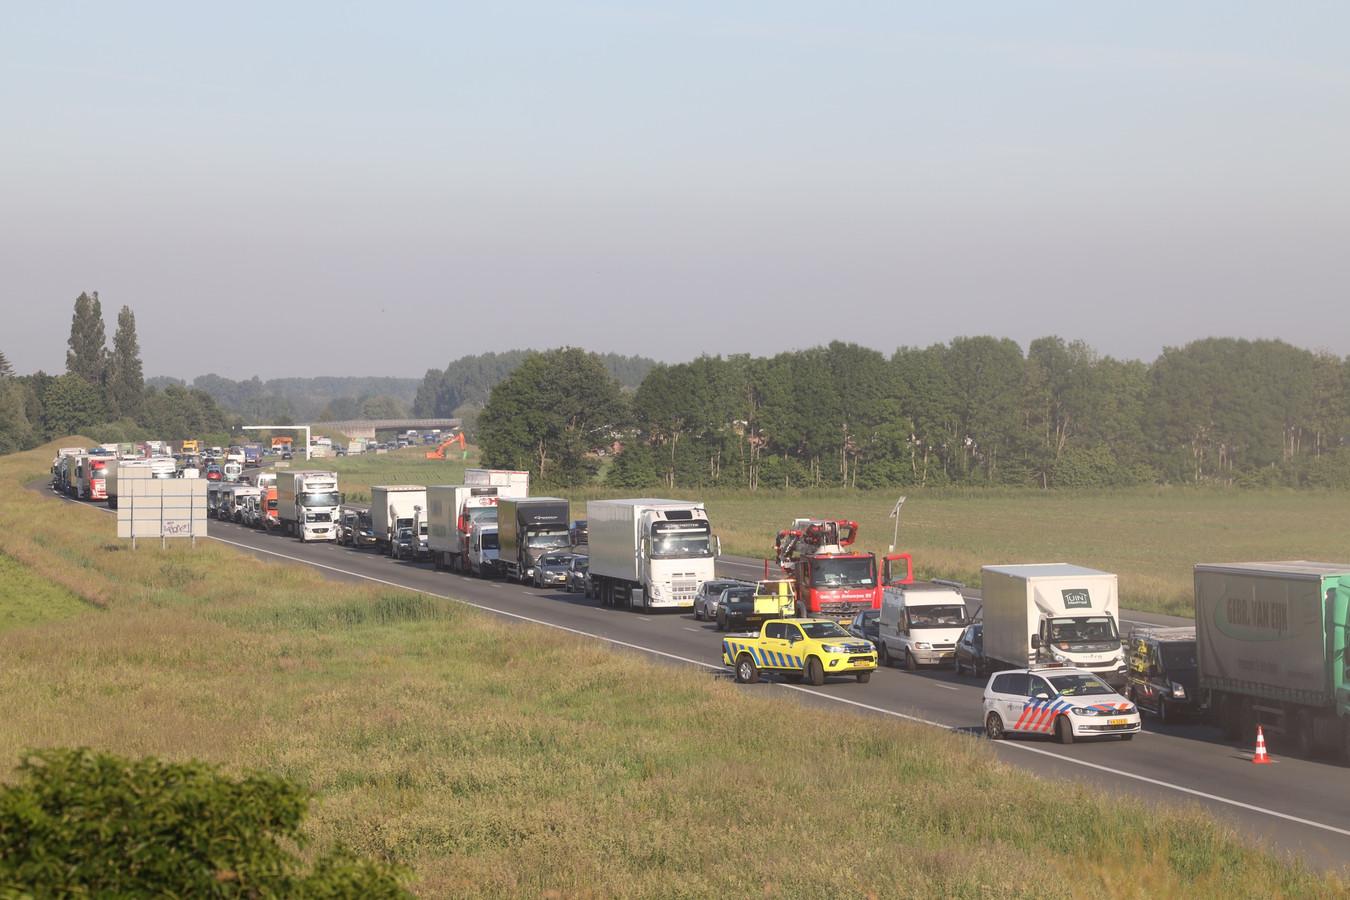 Vrachtwagen gekanteld op de A50 bij Veghel, weg vol graan.